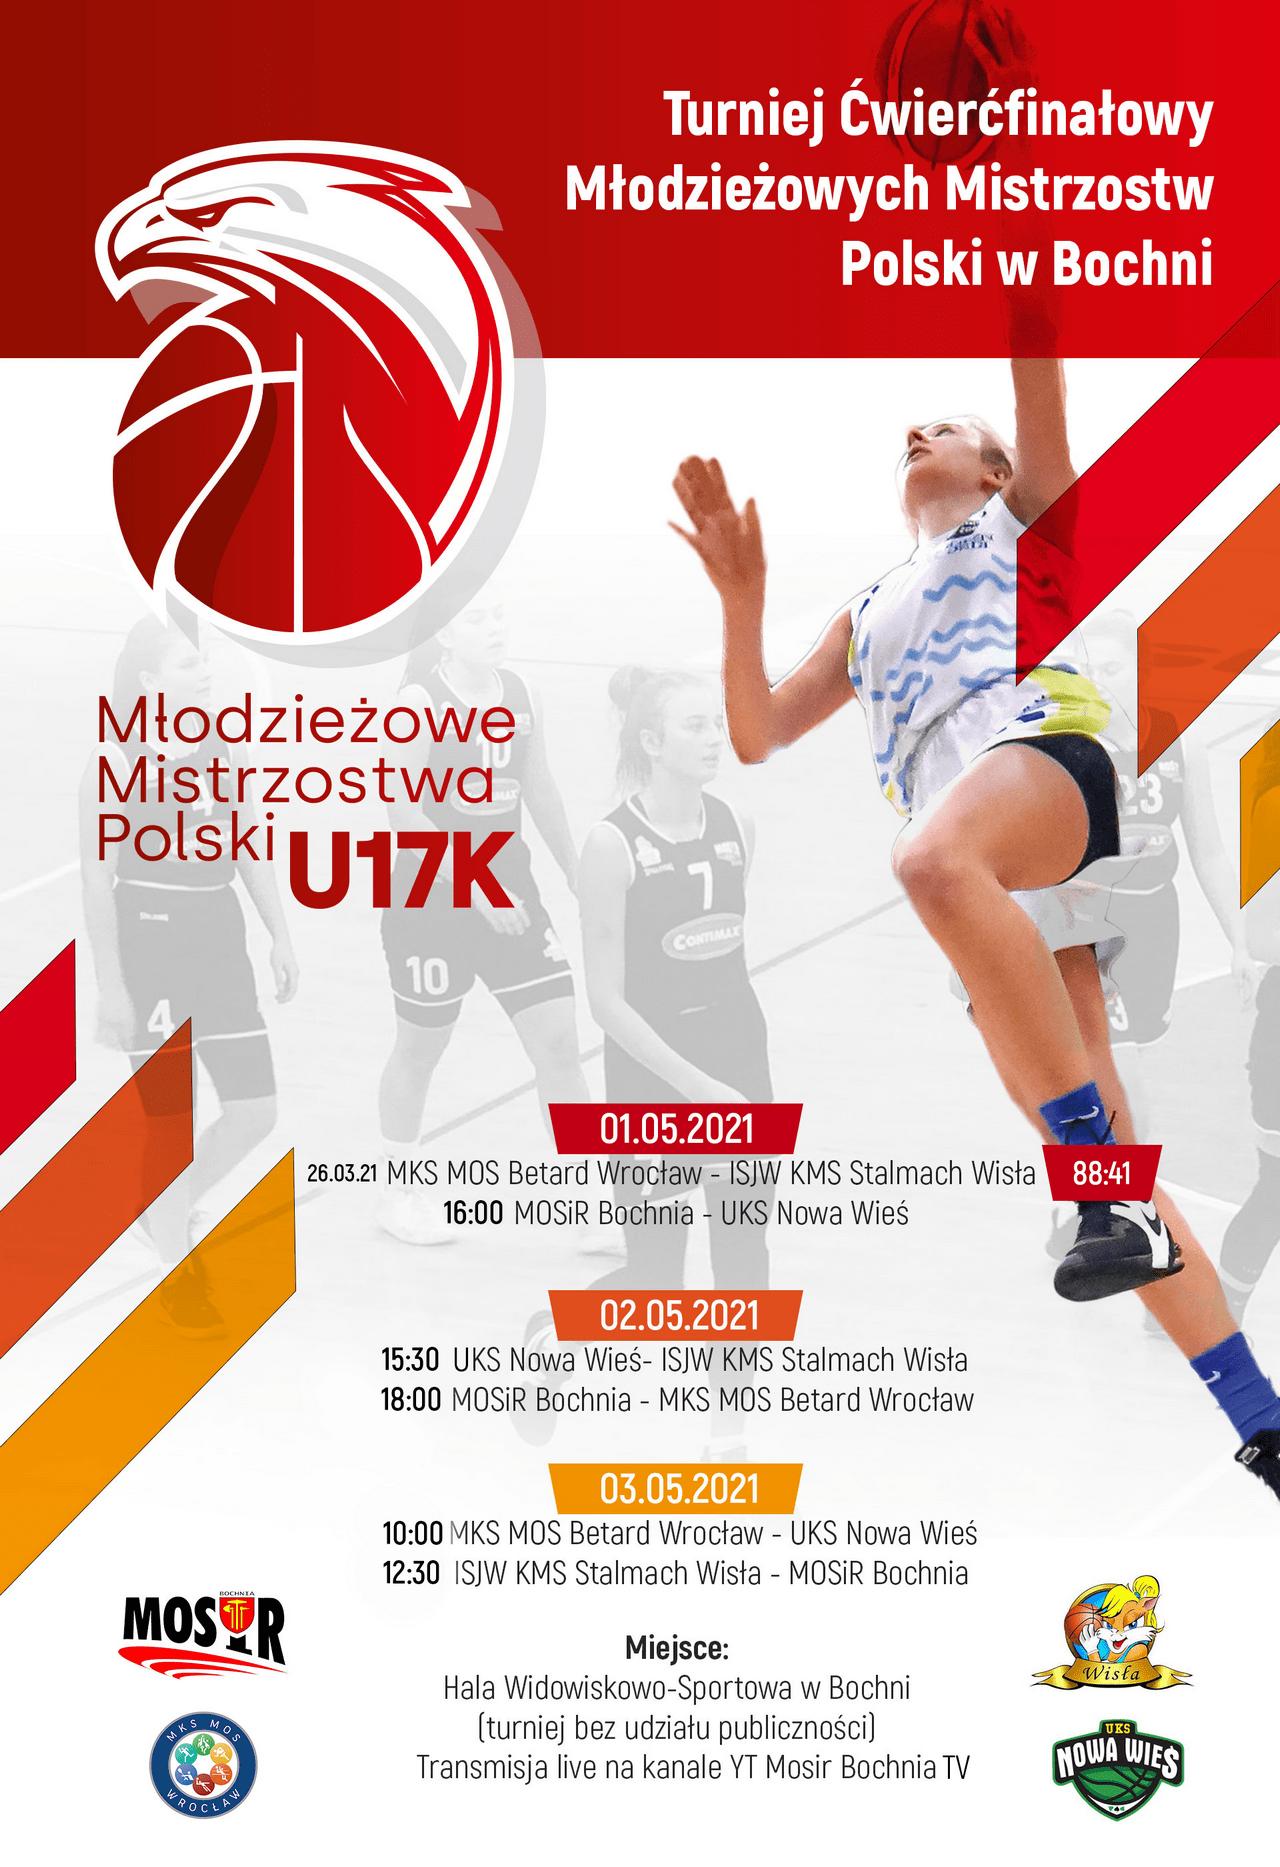 plakat Ćwierćfinałów Młodzieżowych Mistrzostw Polski w Koszykówce U17 kobiet, Bochnia 1-2 maja 2021